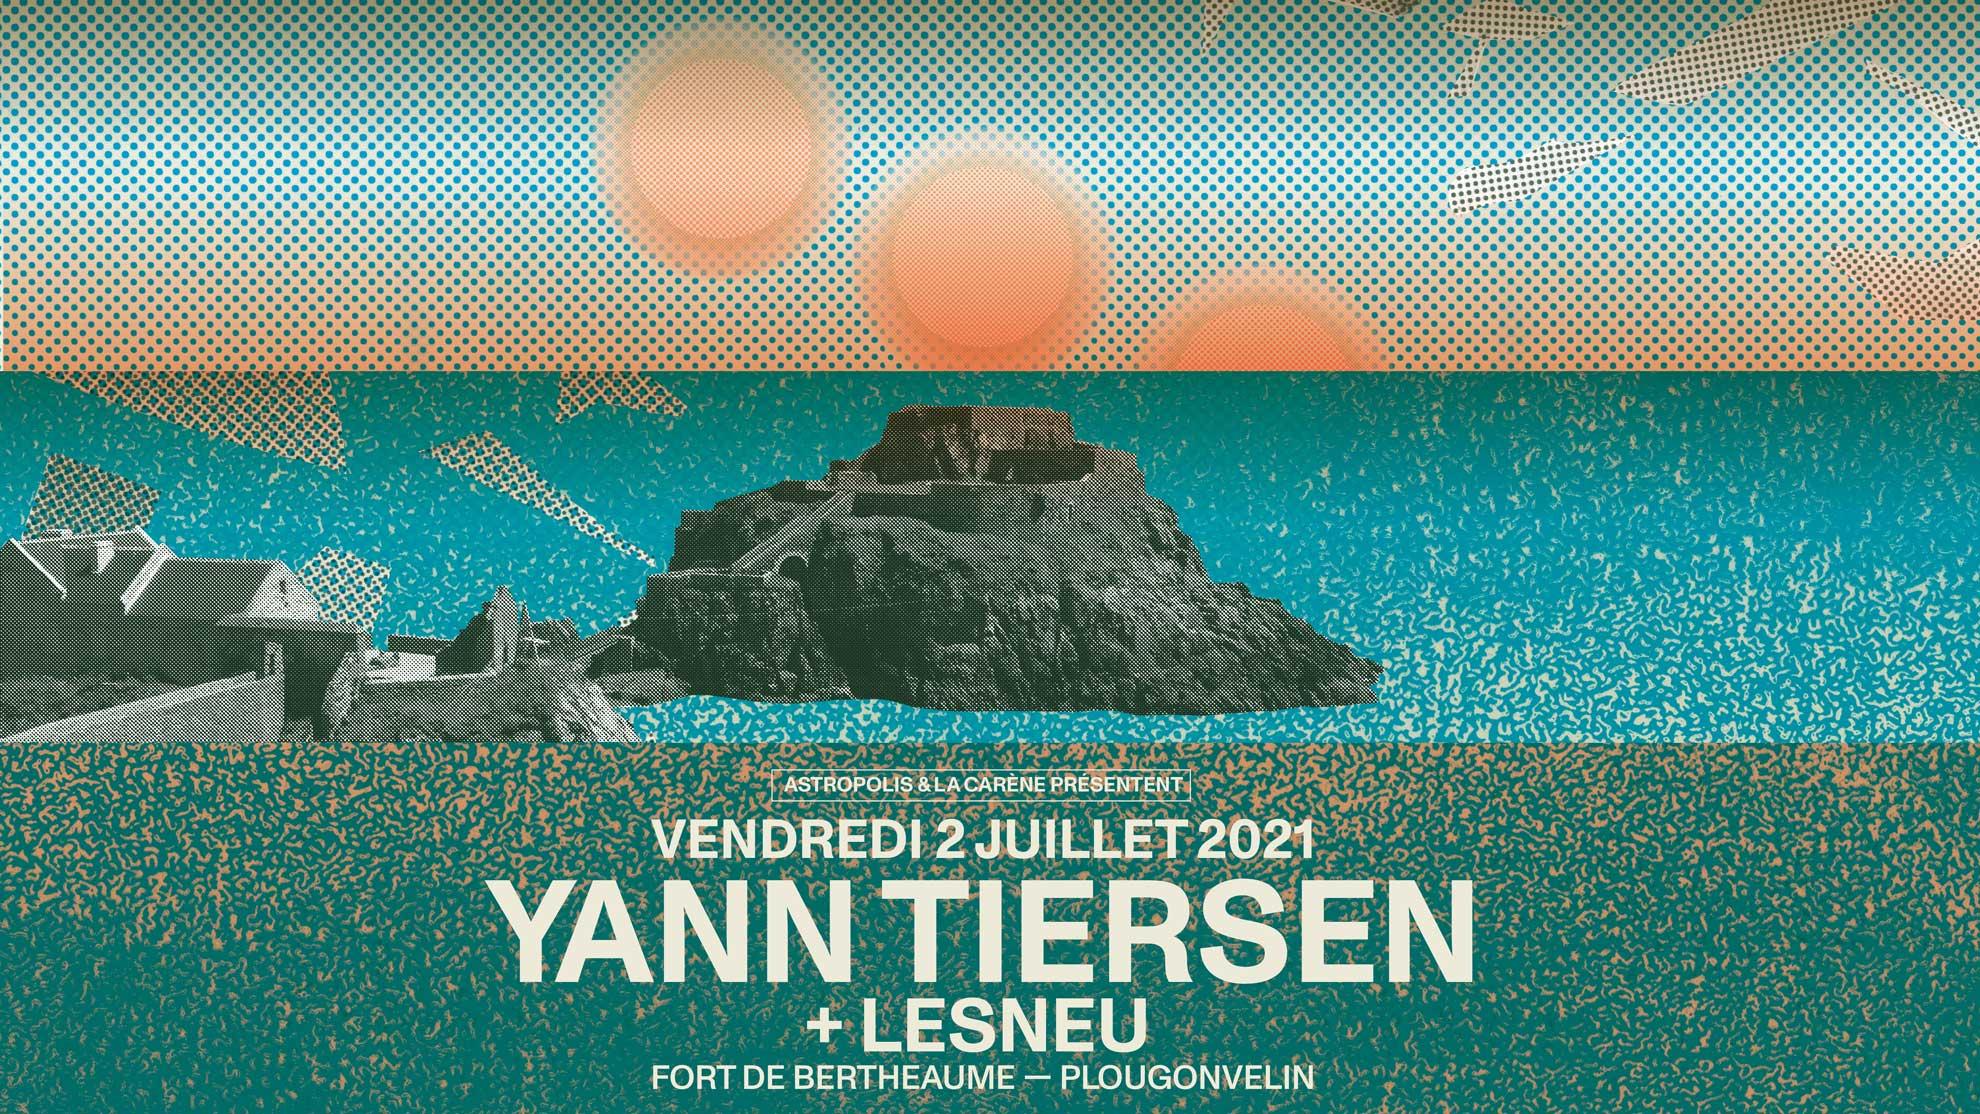 02/07 : Yann Tiersen + Lesneu @ Fort de Bertheaume